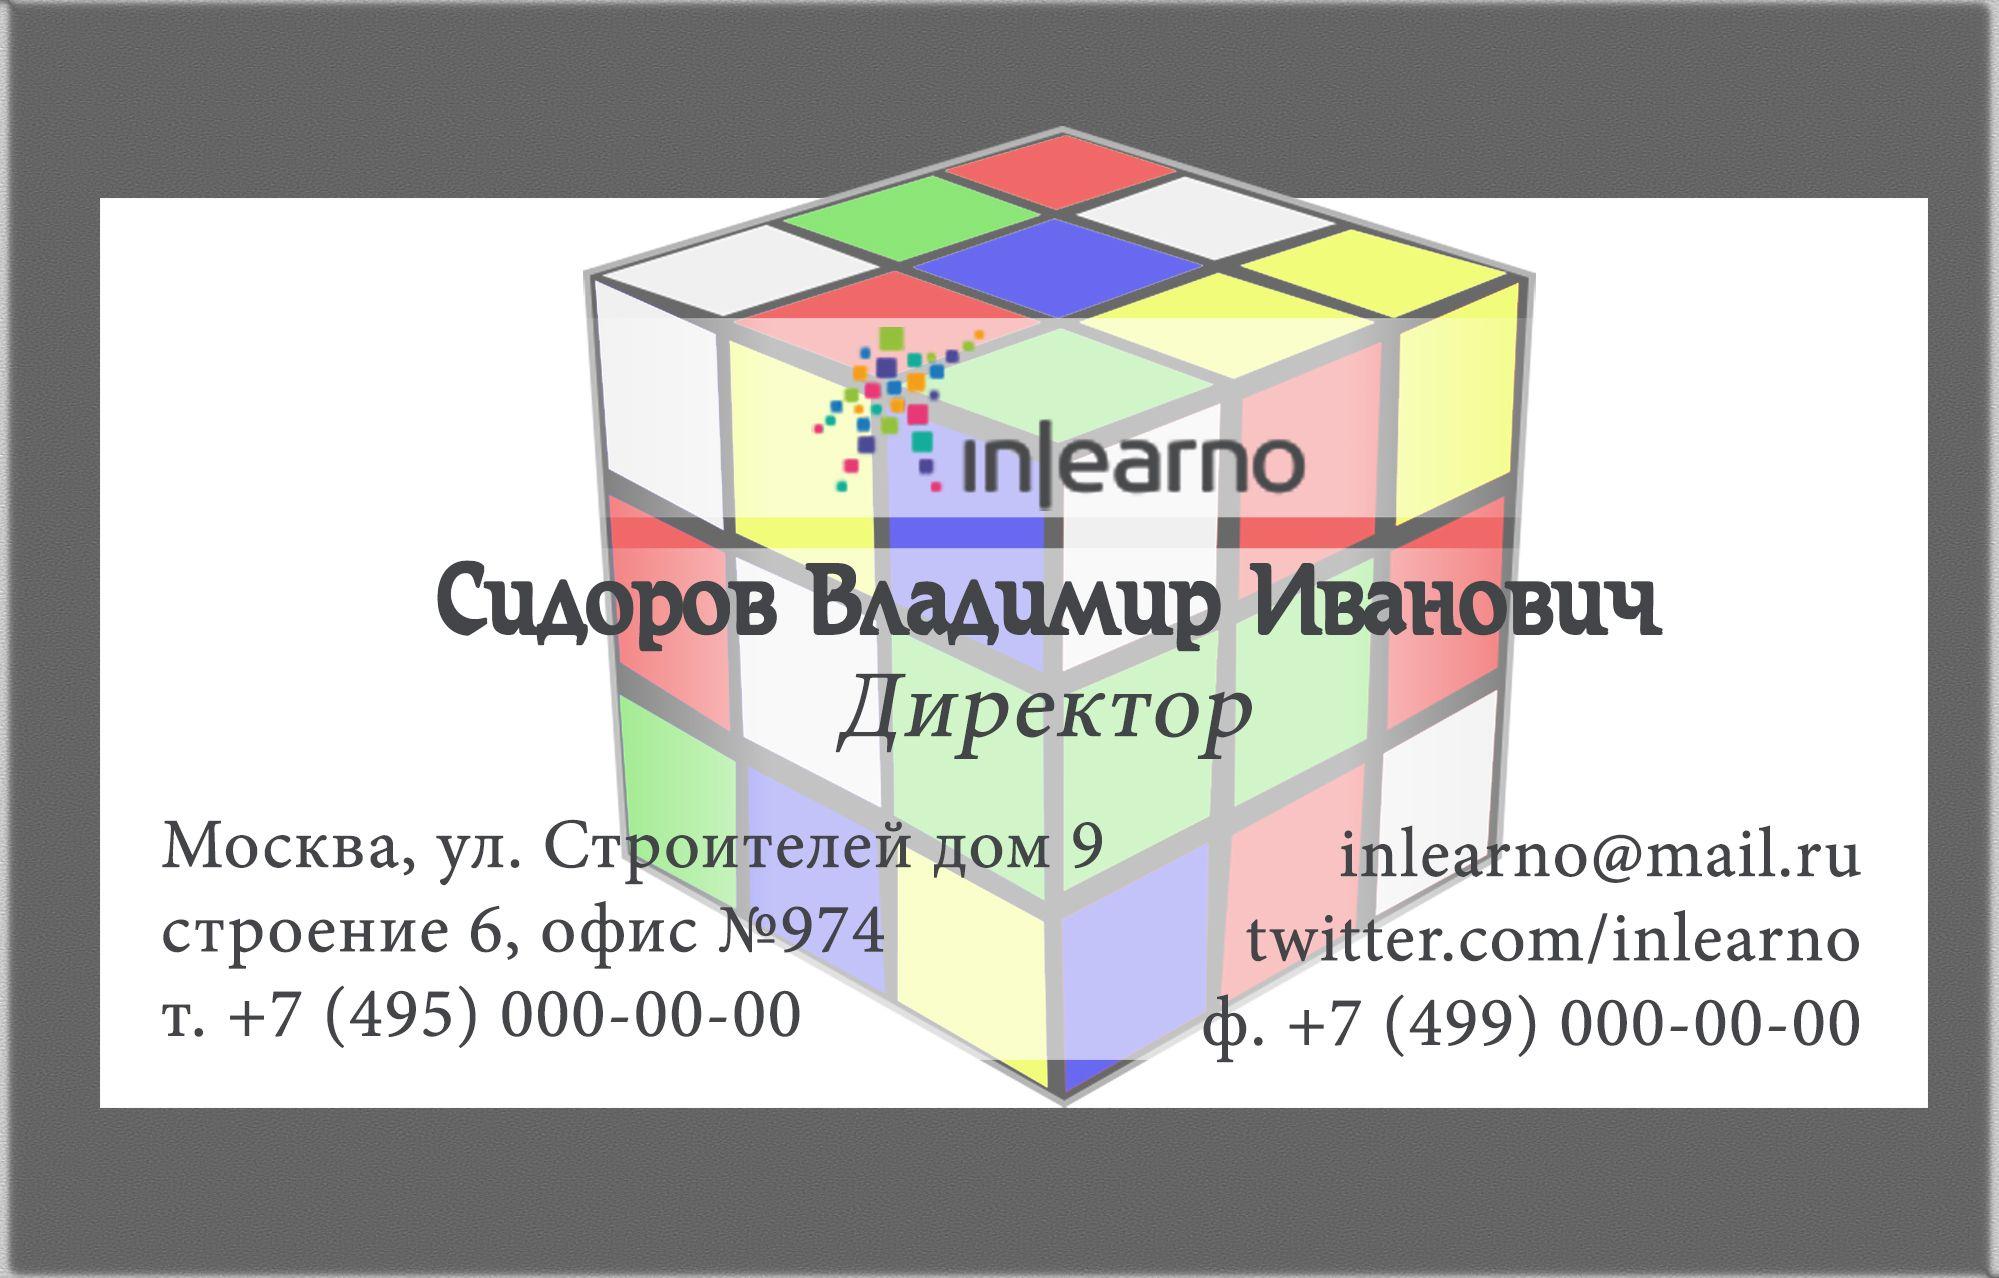 Визитная карточка и фирменный бланк Inlearno - дизайнер Emansi_fresh